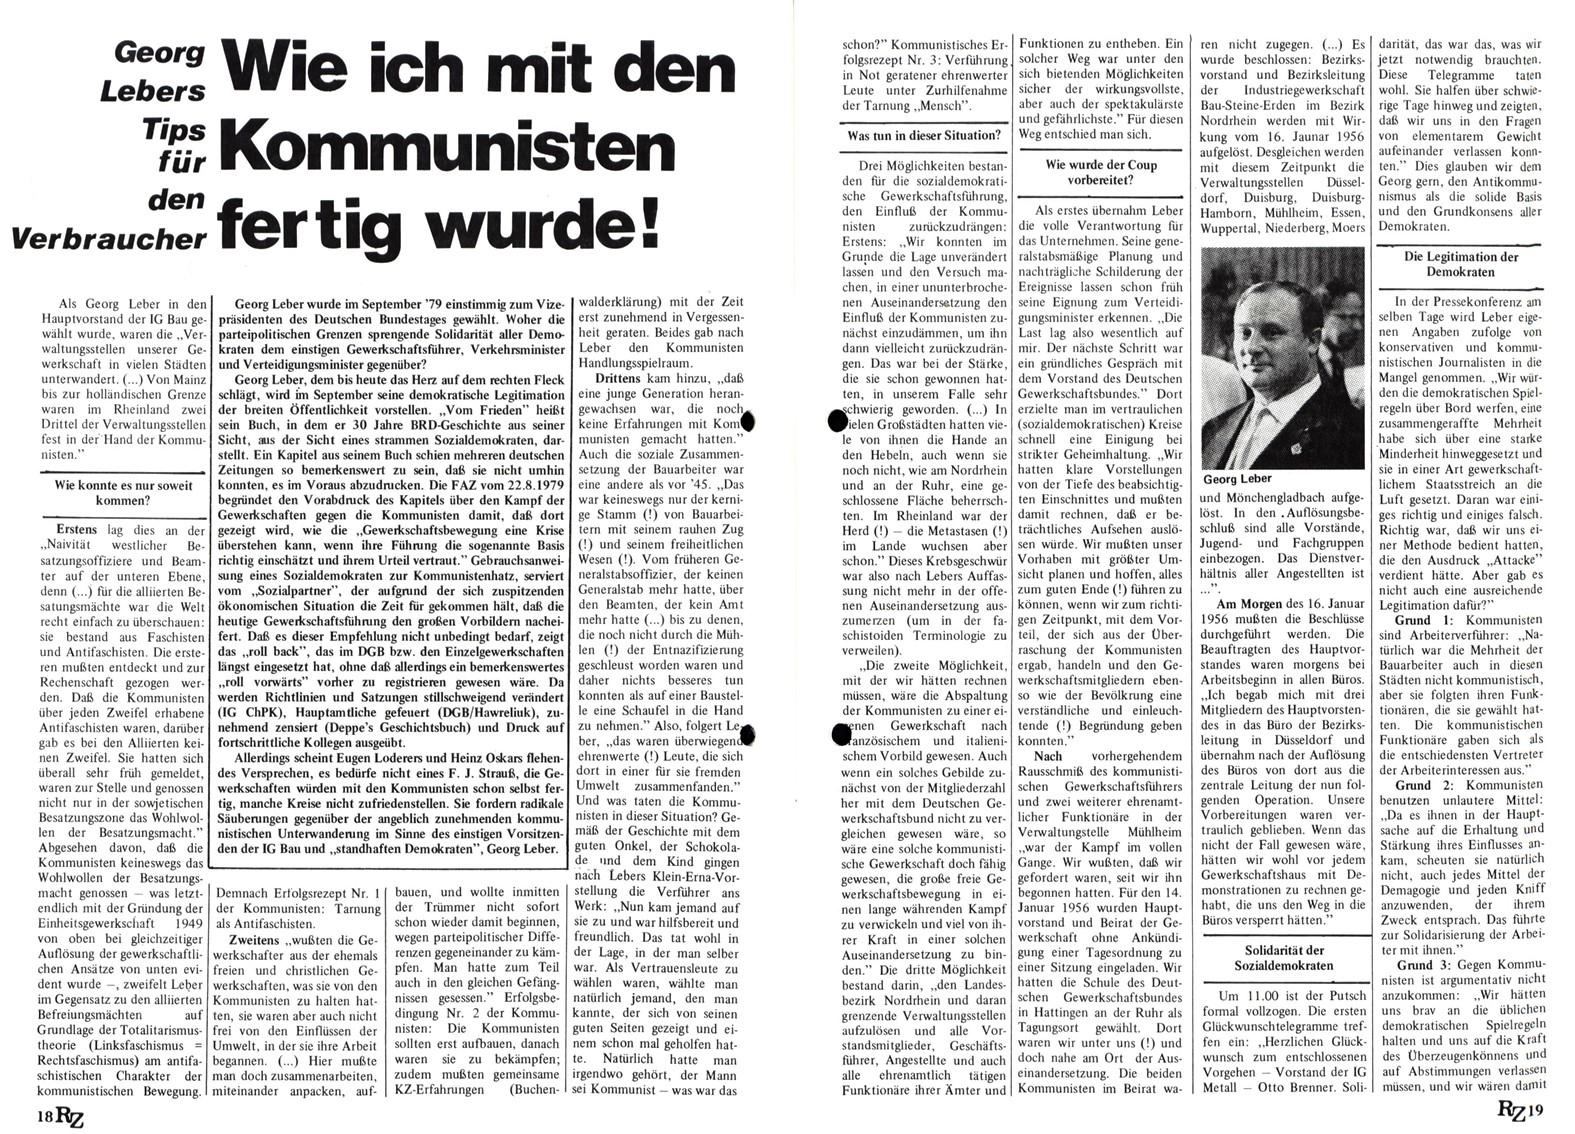 Bonn_RZ_22_19791000_10